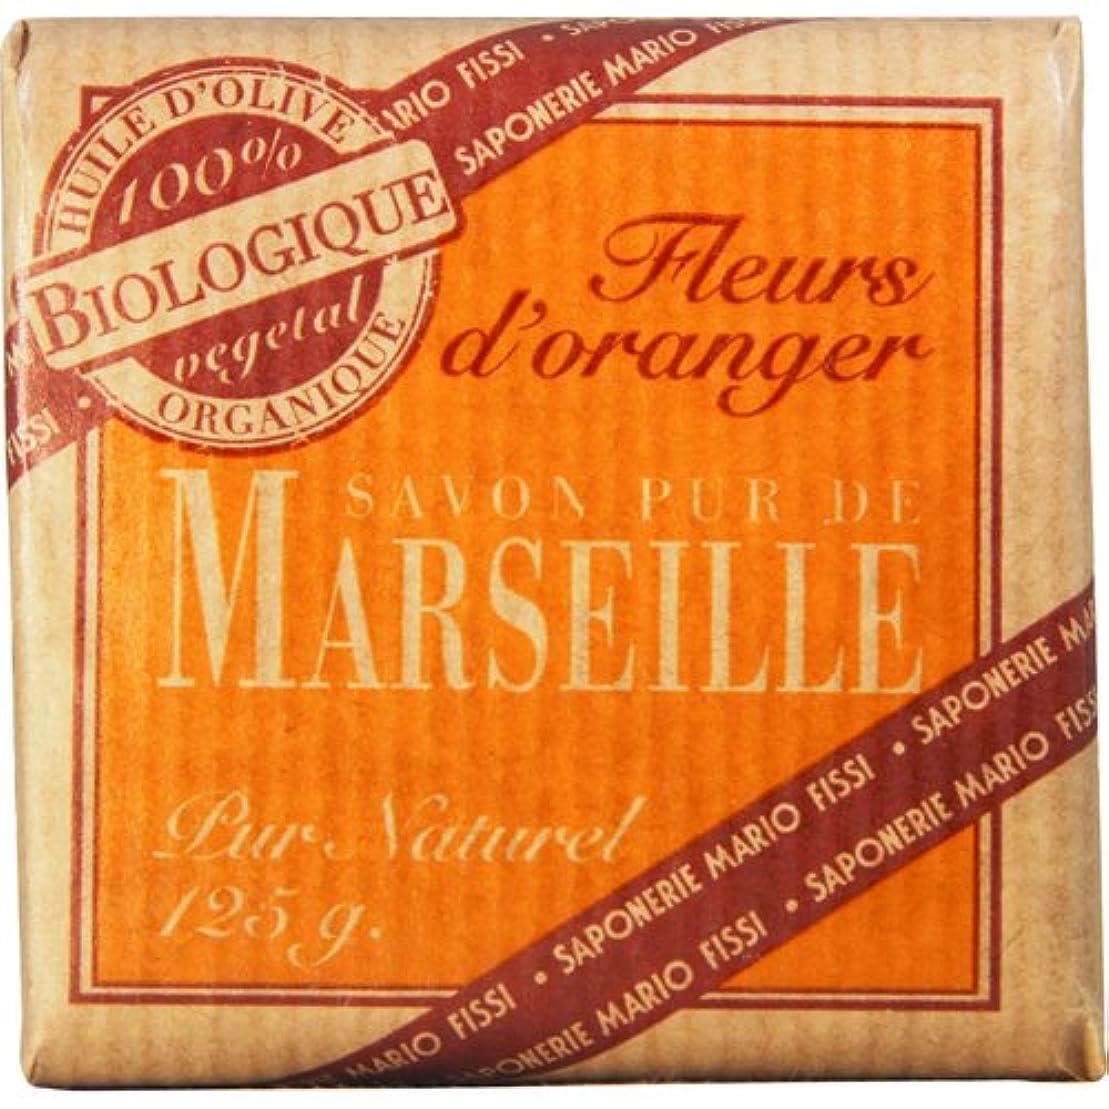 ヘア価値追い払うSaponerire Fissi マルセイユシリーズ マルセイユソープ 125g Orange Flower オレンジフラワー